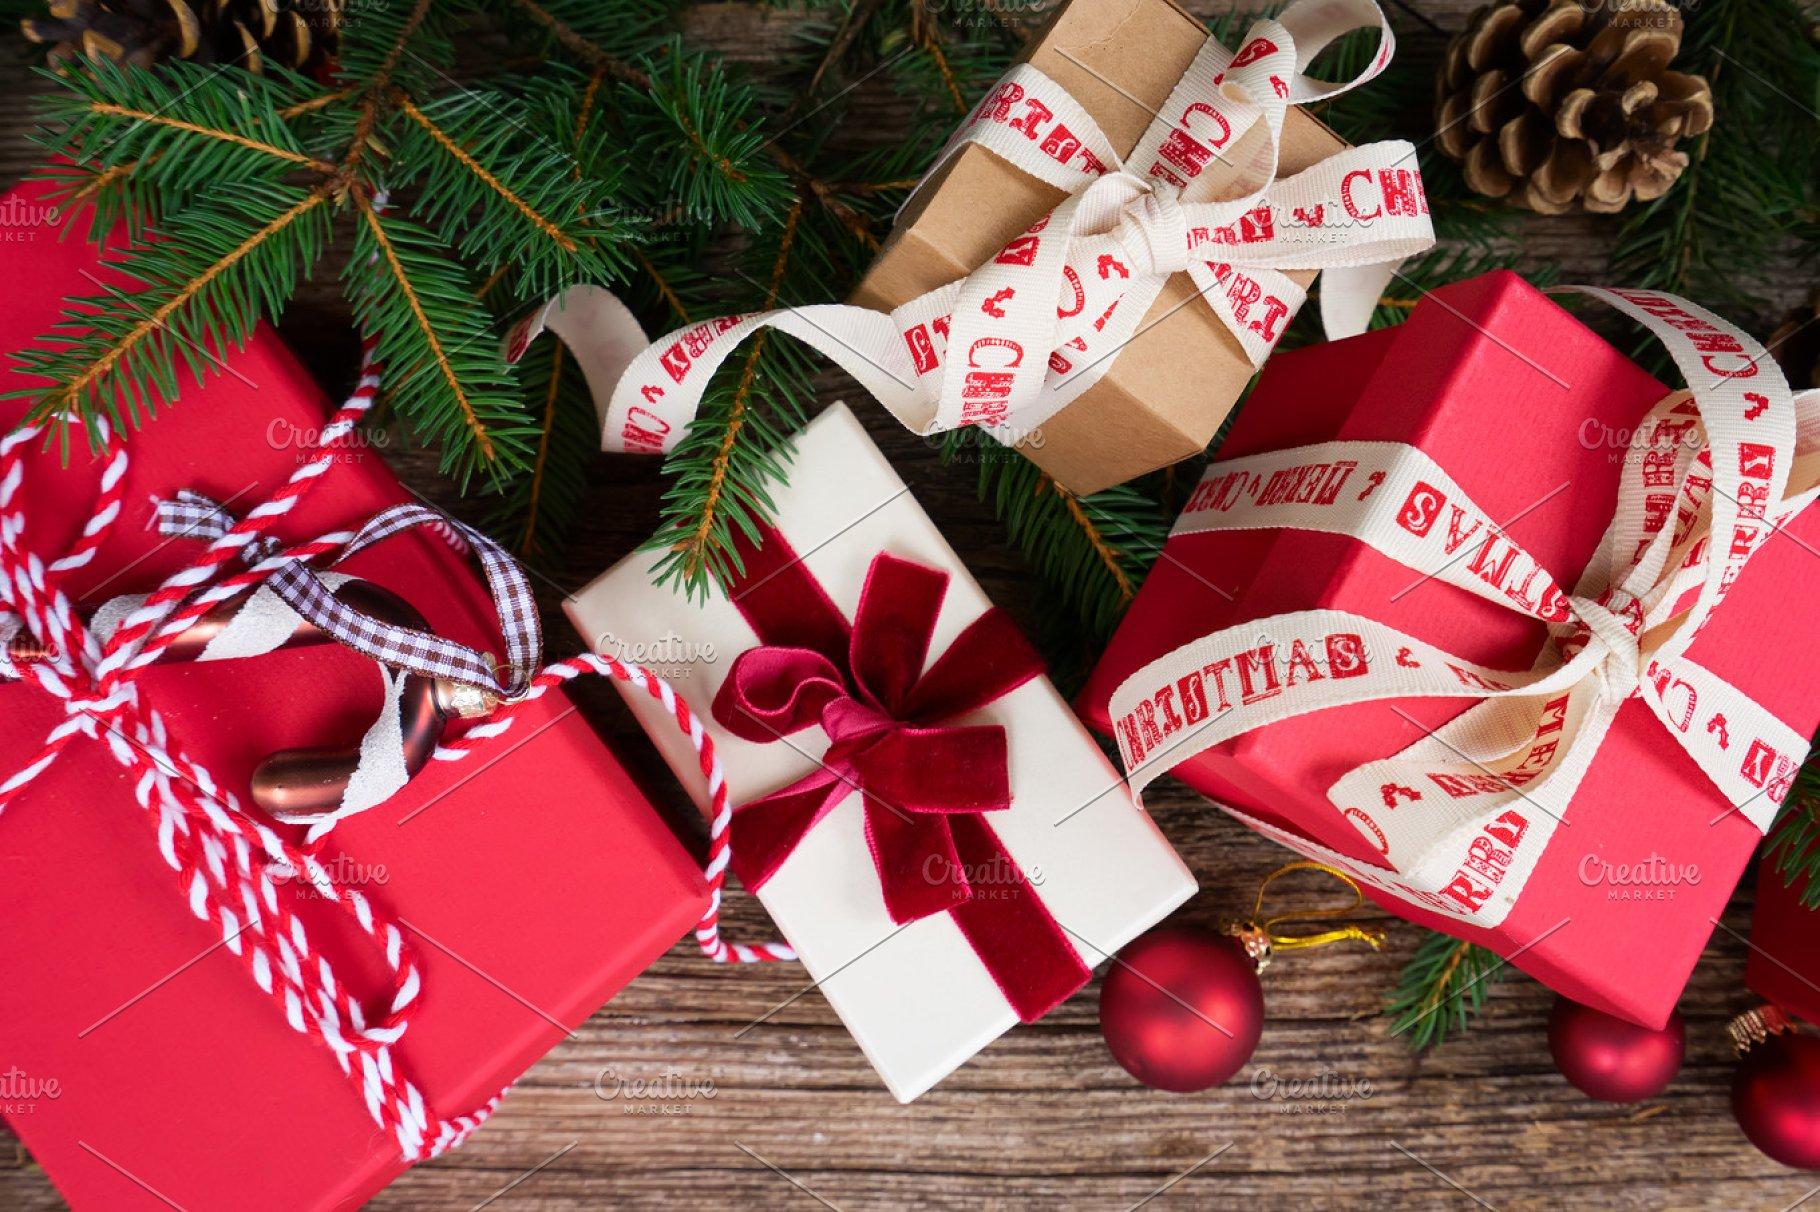 Christmas Gift Giving.Christmas Gift Giving Holiday Photos Creative Market